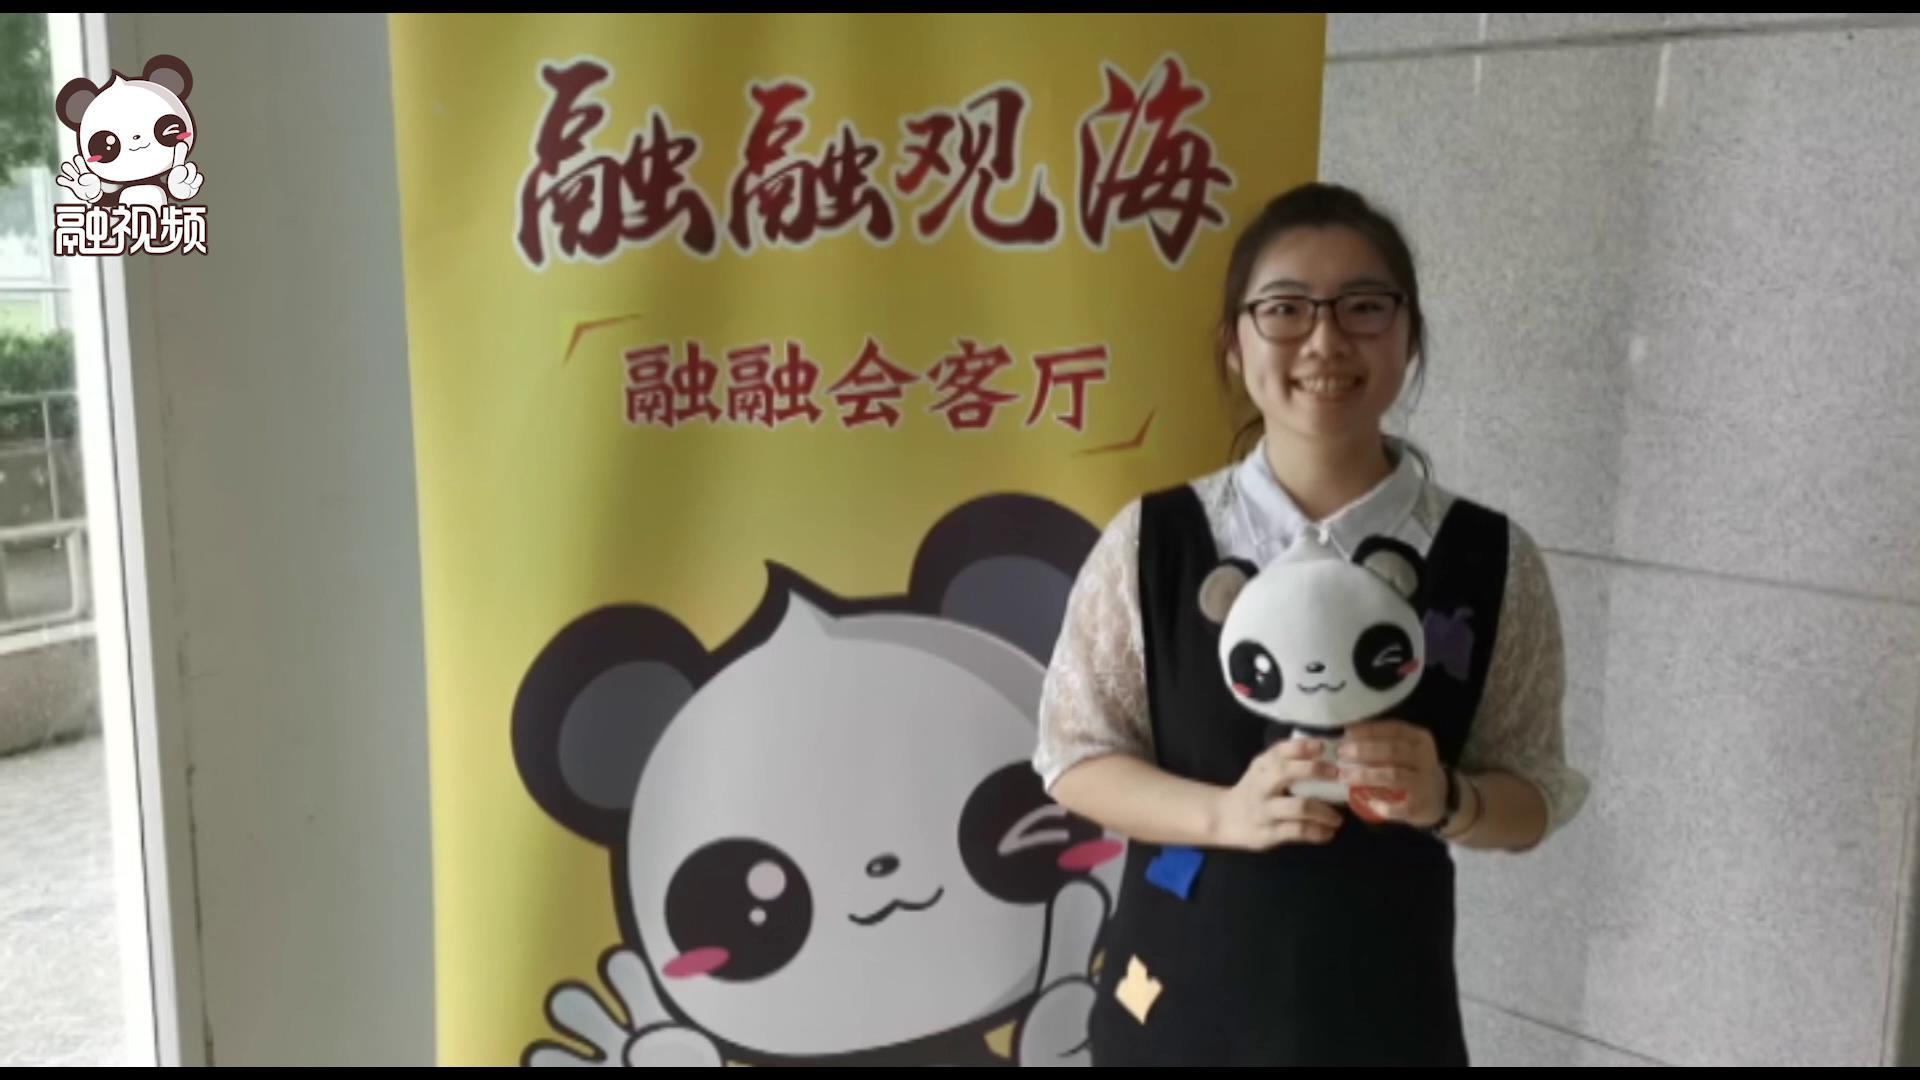 融融携台湾青年带你看海峡论坛啦!图片